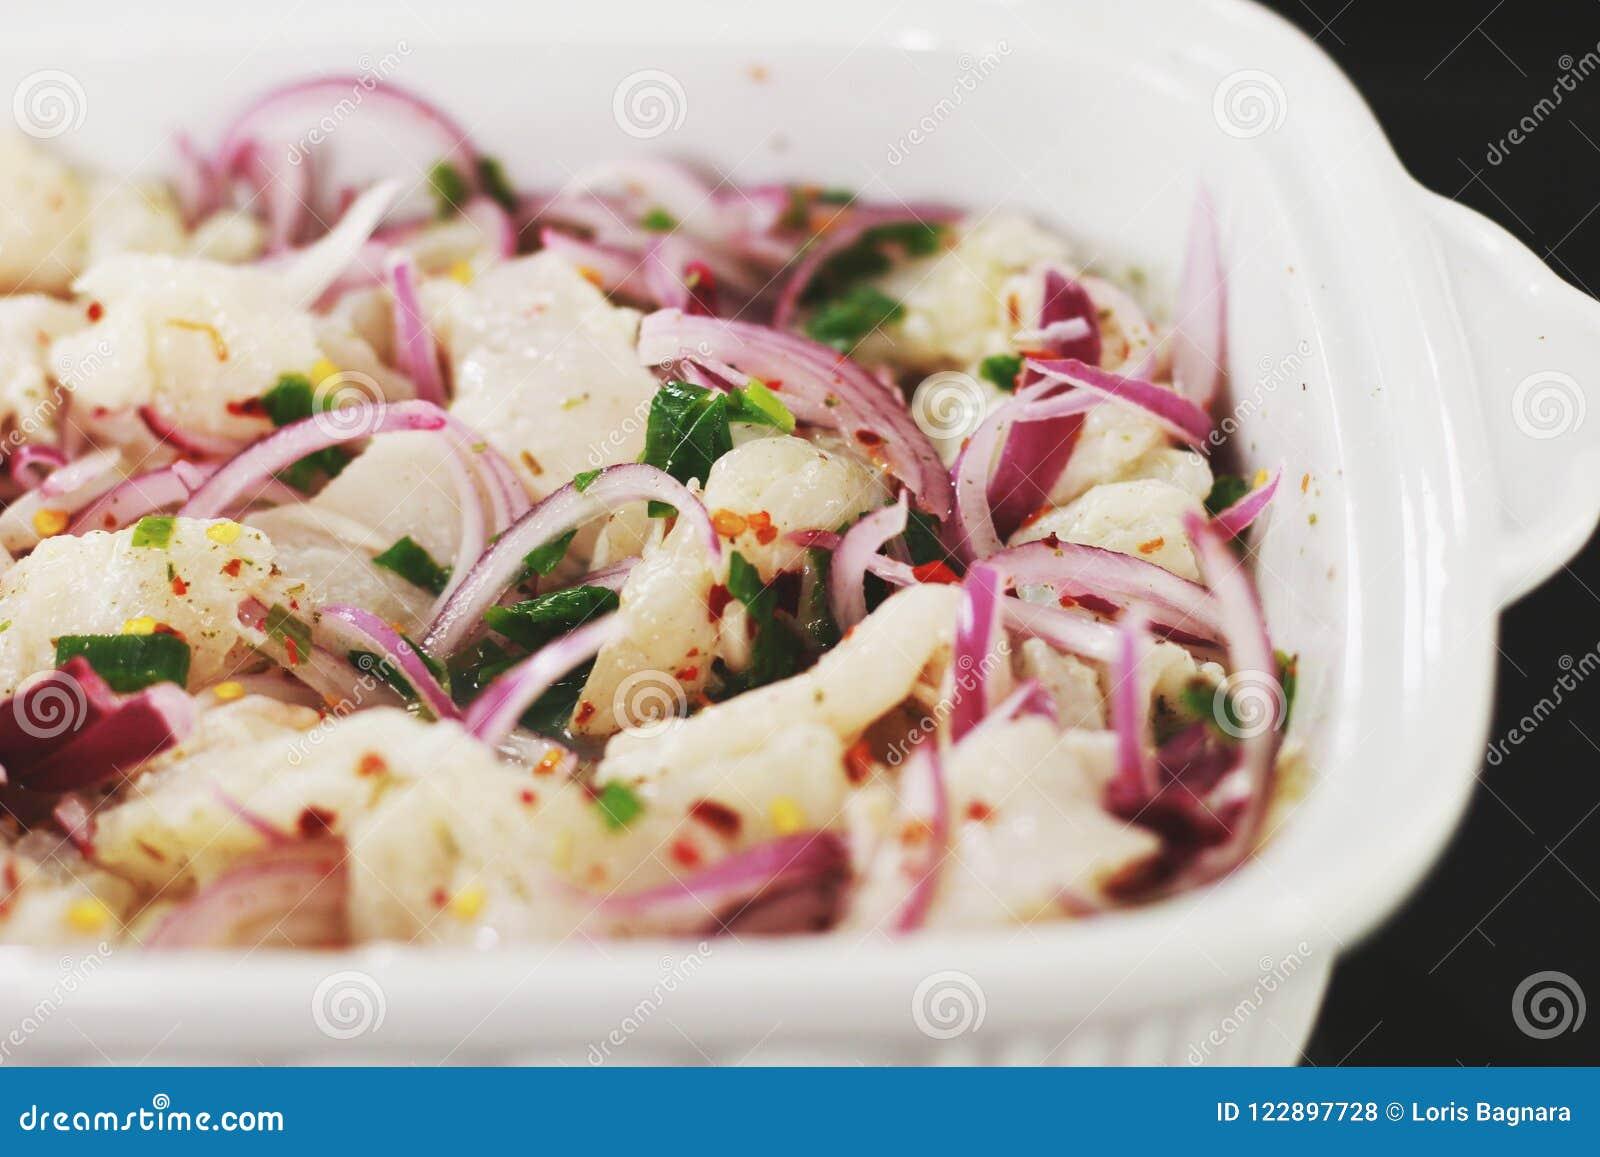 Τεμαχισμένα λαχανικά στο άσπρο κεραμικό κύπελλο